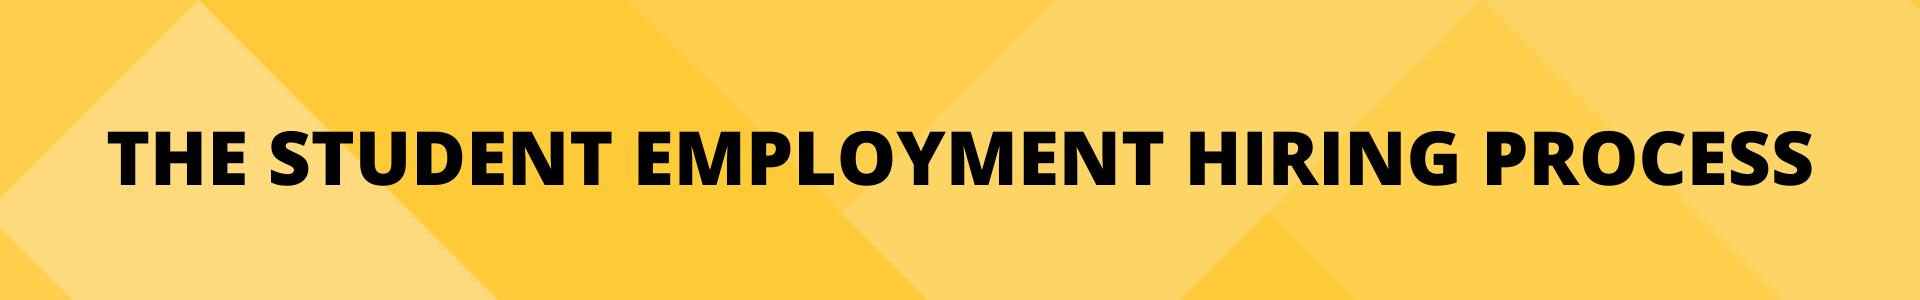 Student Employment Hiring Process button